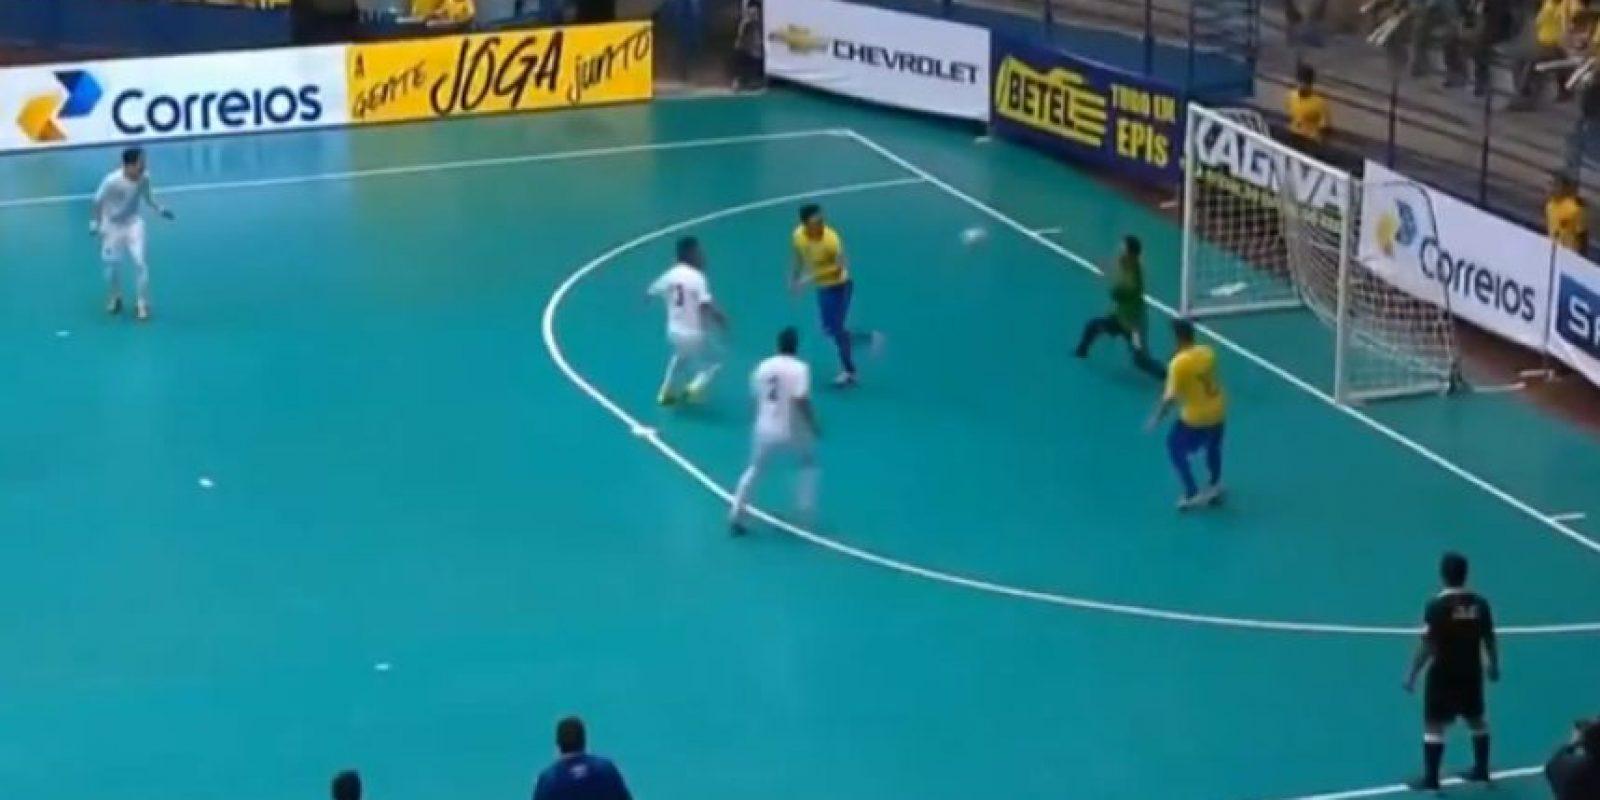 Recibió el balón de espaldas y con un taconazo asistió a su compañero Foto:Youtube: Footy-Goals.Com